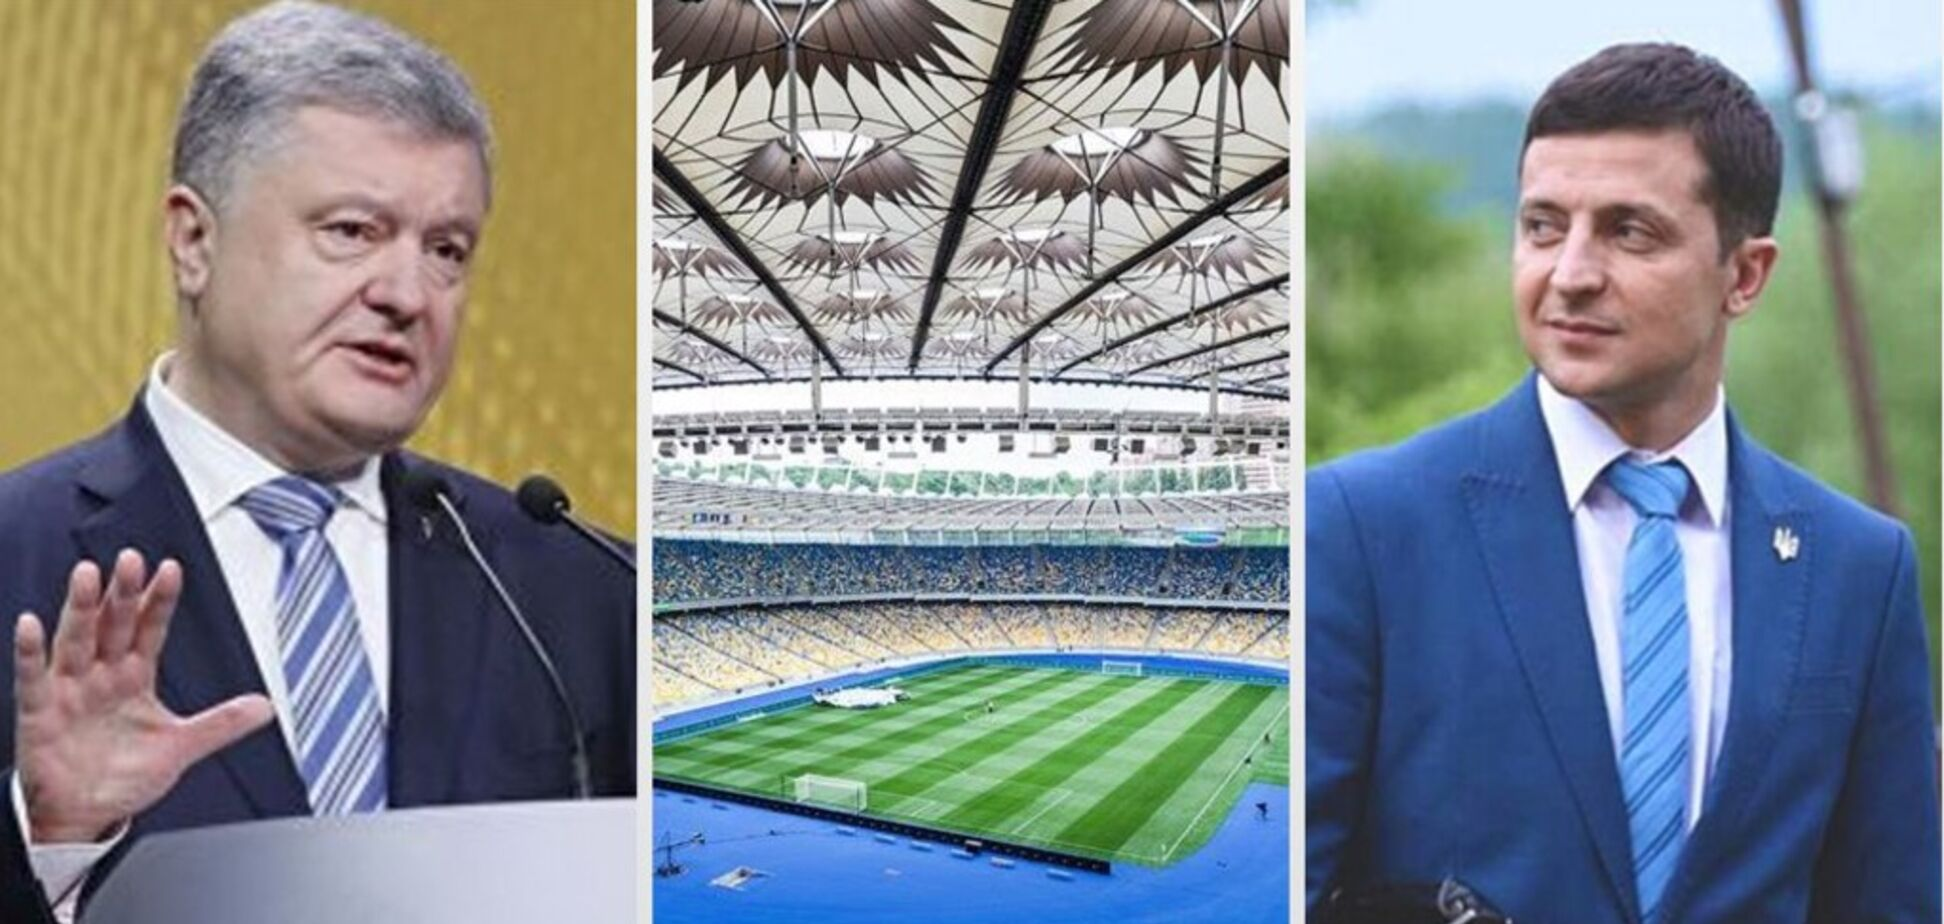 Дебати на 'Олімпійському': кандидати раптово об'єднали сцени